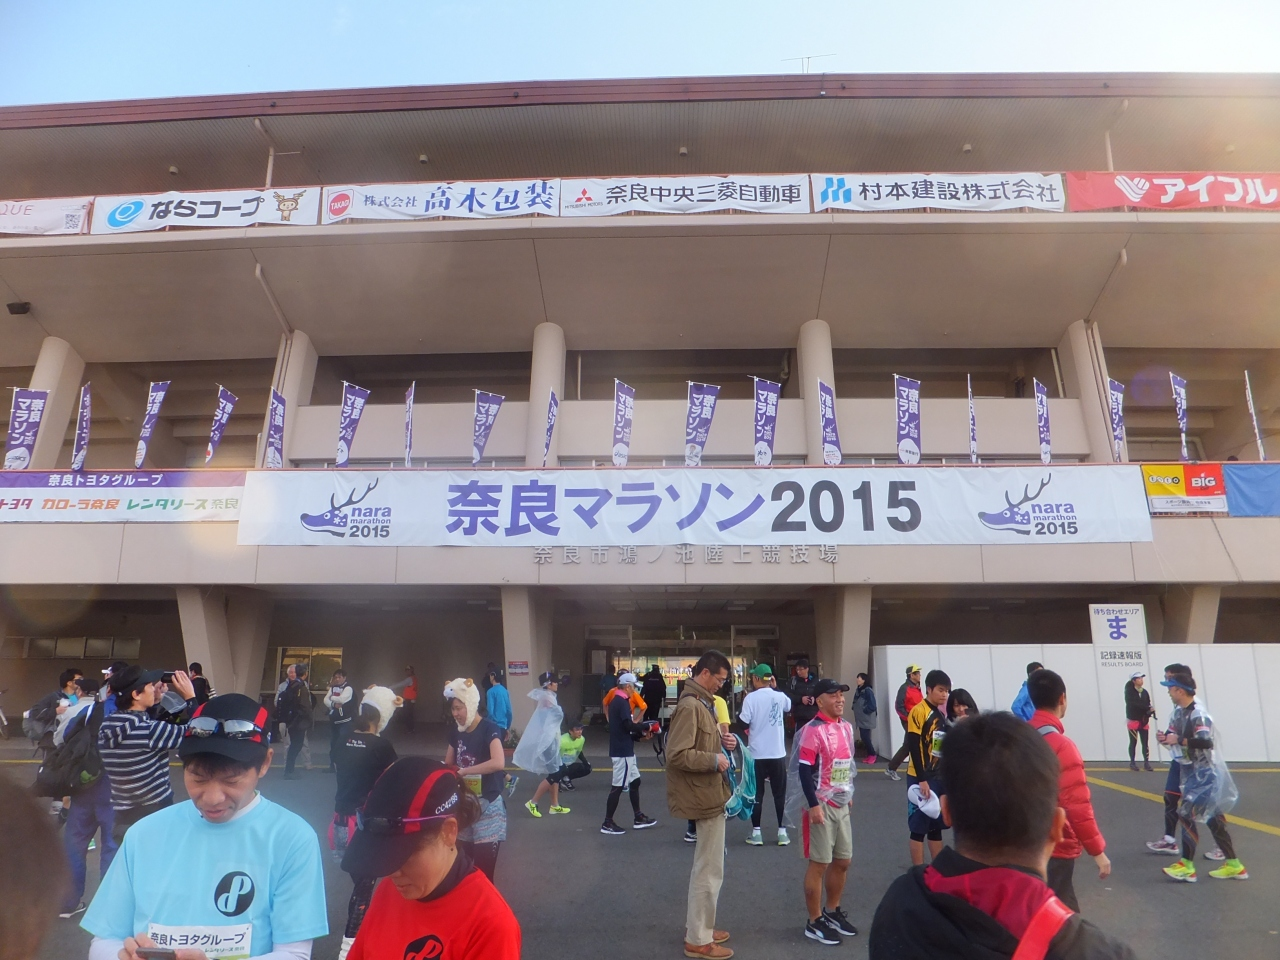 cc7312dcc4 2015 初奈良マラソンと関西観光【その5】奈良マラソン受付といよいよ ...